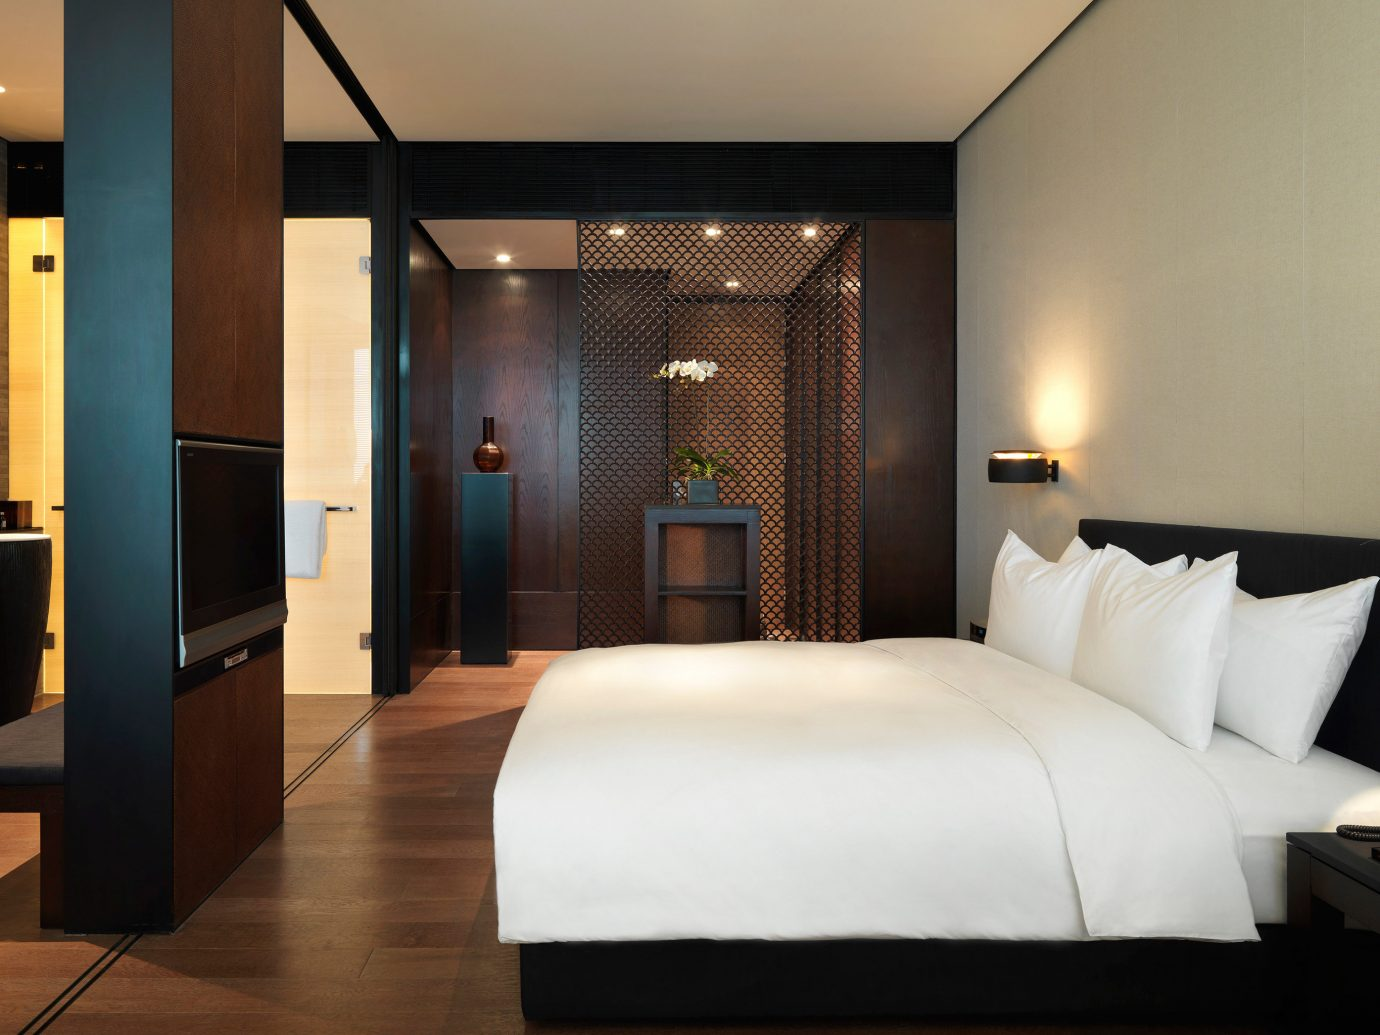 Bedroom Elegant Hotels Luxury Suite wall indoor floor bed room property hotel interior design white living room estate furniture Design real estate apartment condominium